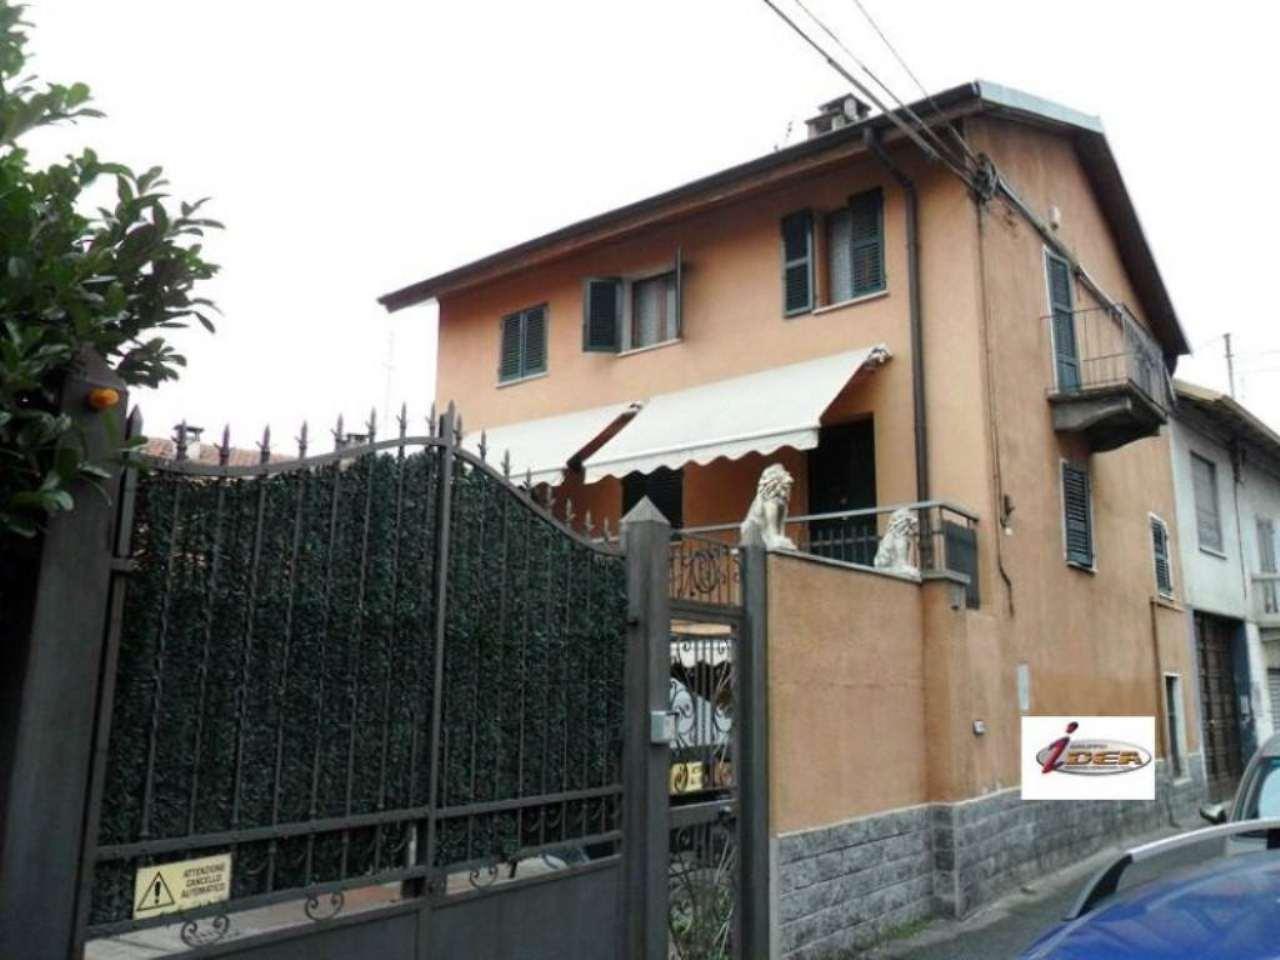 Soluzione Indipendente in vendita a Venaria Reale, 6 locali, prezzo € 320.000 | Cambio Casa.it